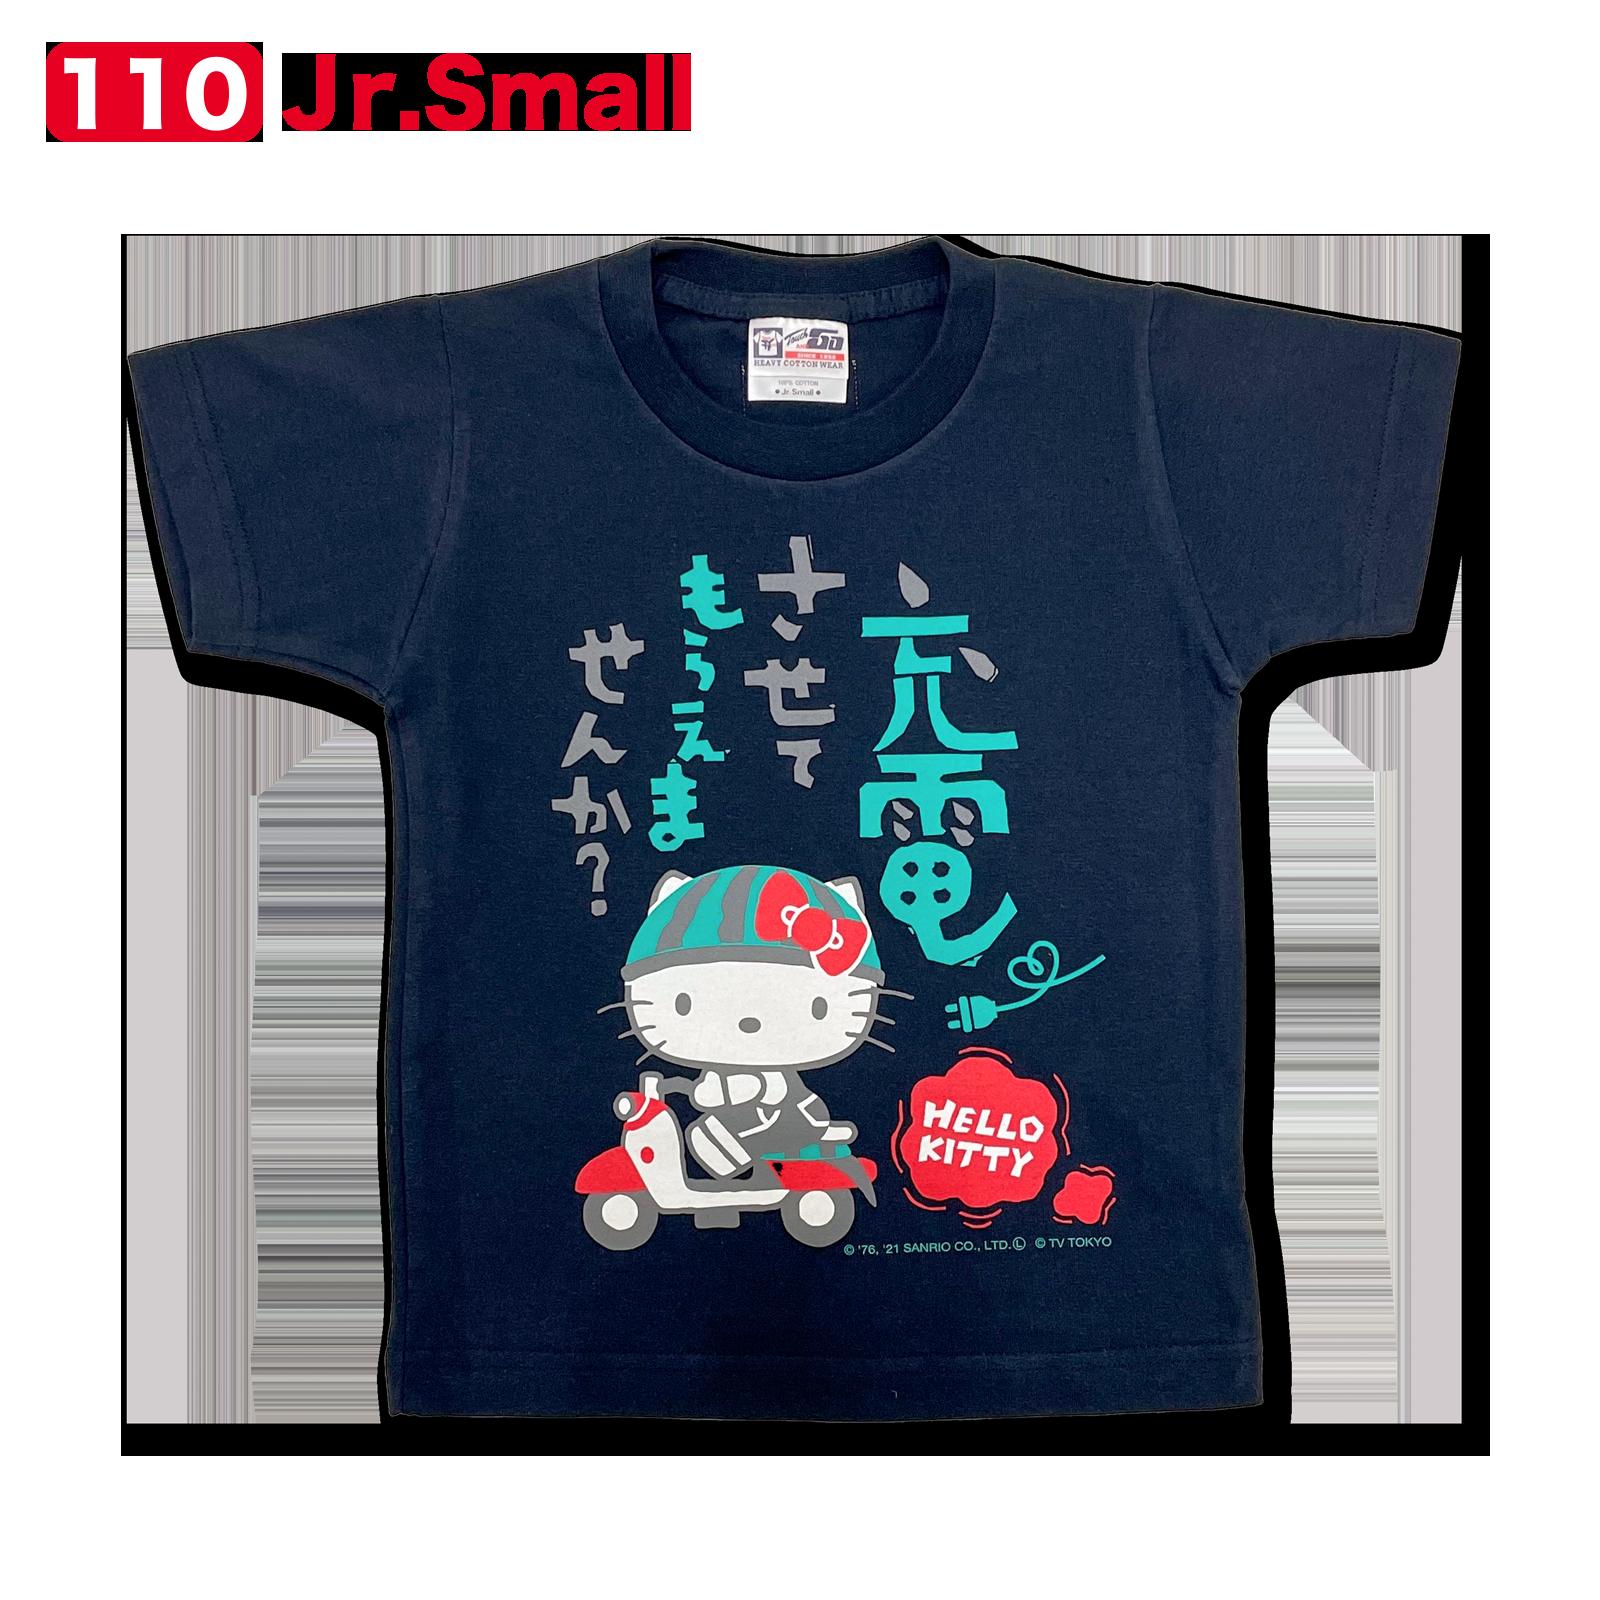 充電×ハローキティ Tシャツ・KIDS・110(Jr Small)